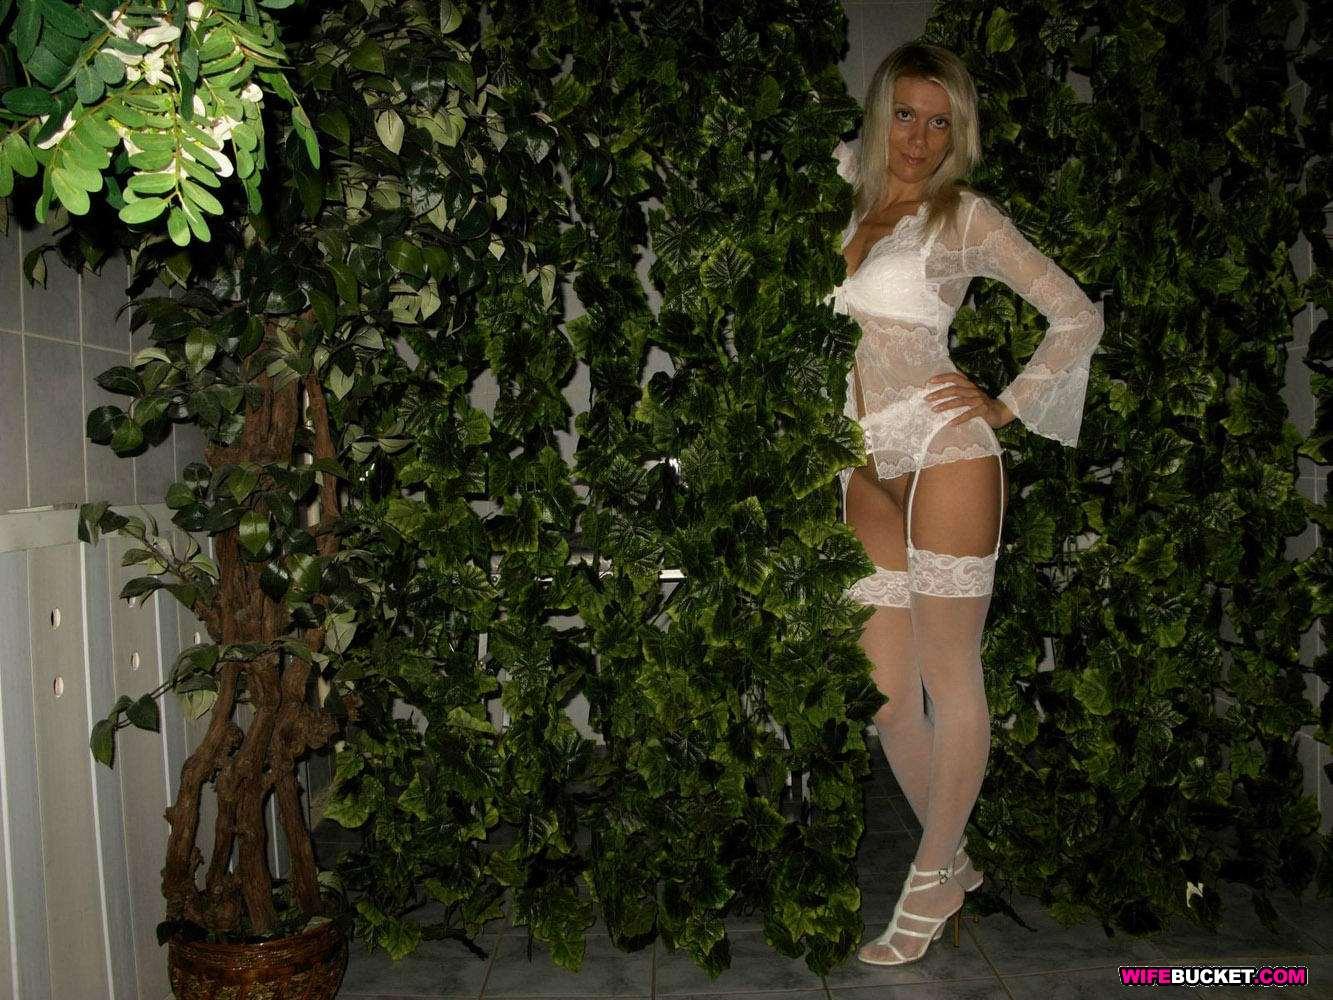 Slutty bride nude outdoor